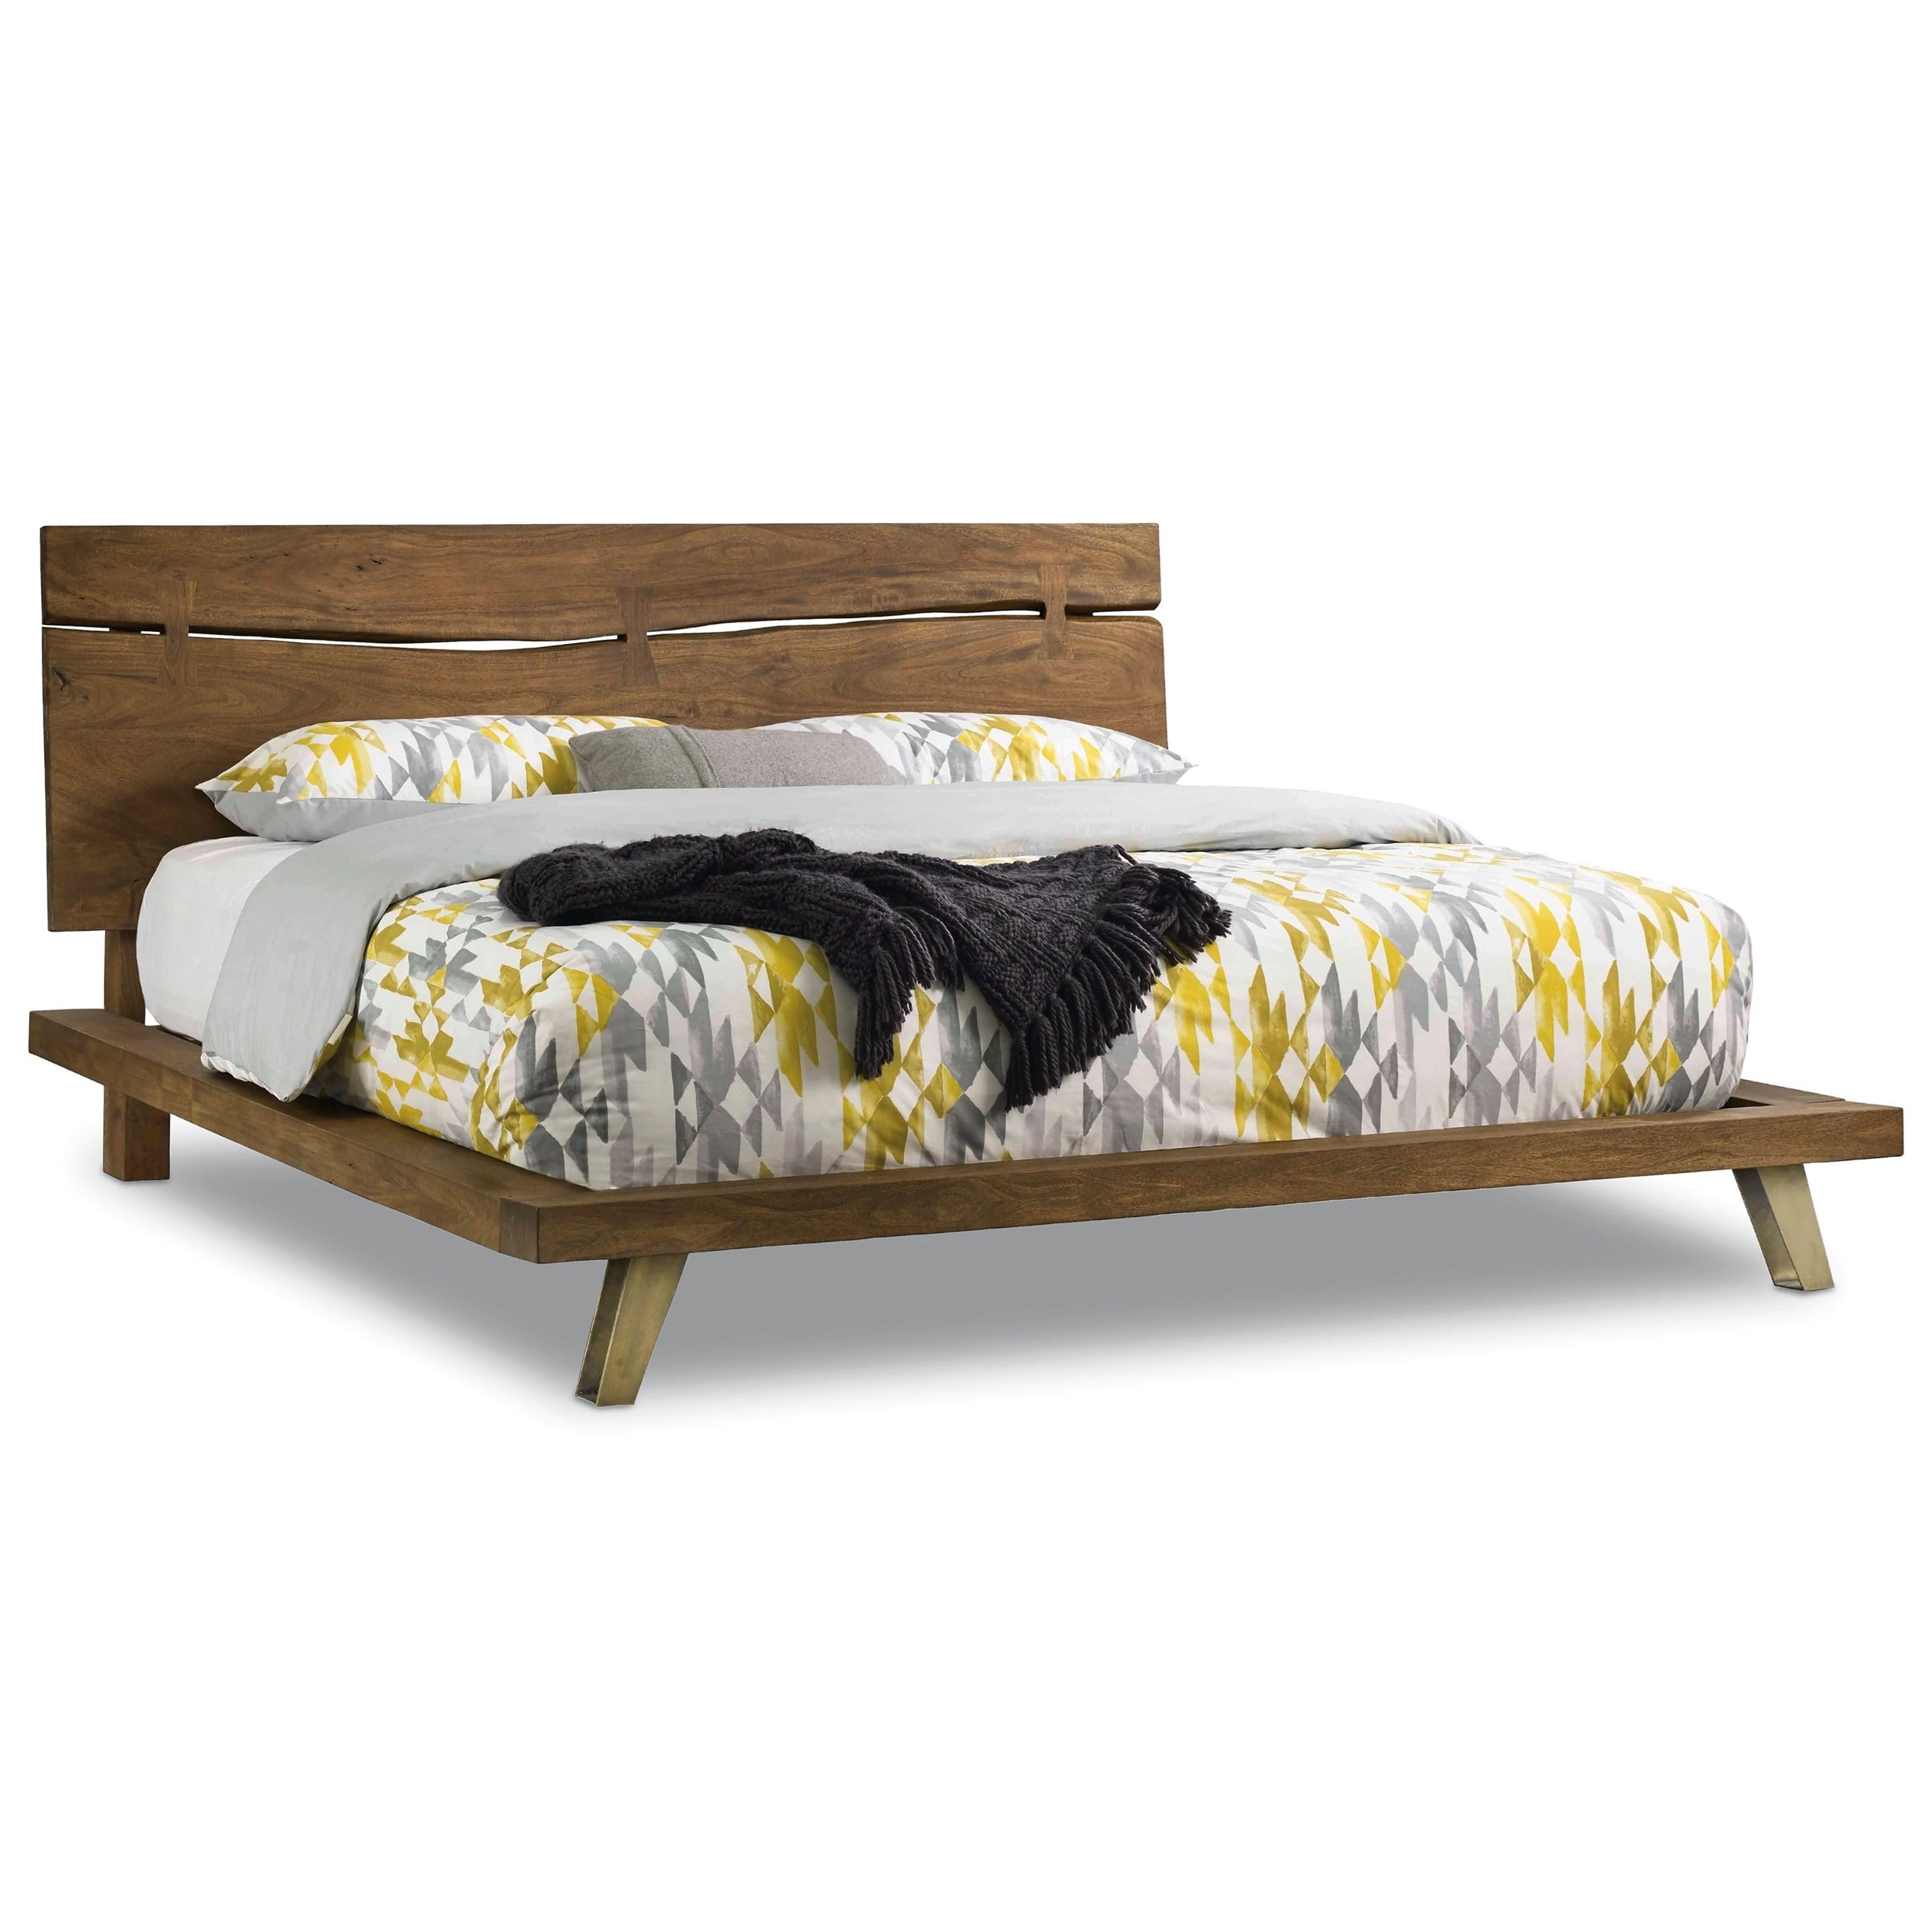 Hooker Furniture Transcend California King Platform Bed - Item Number: 7000-90360